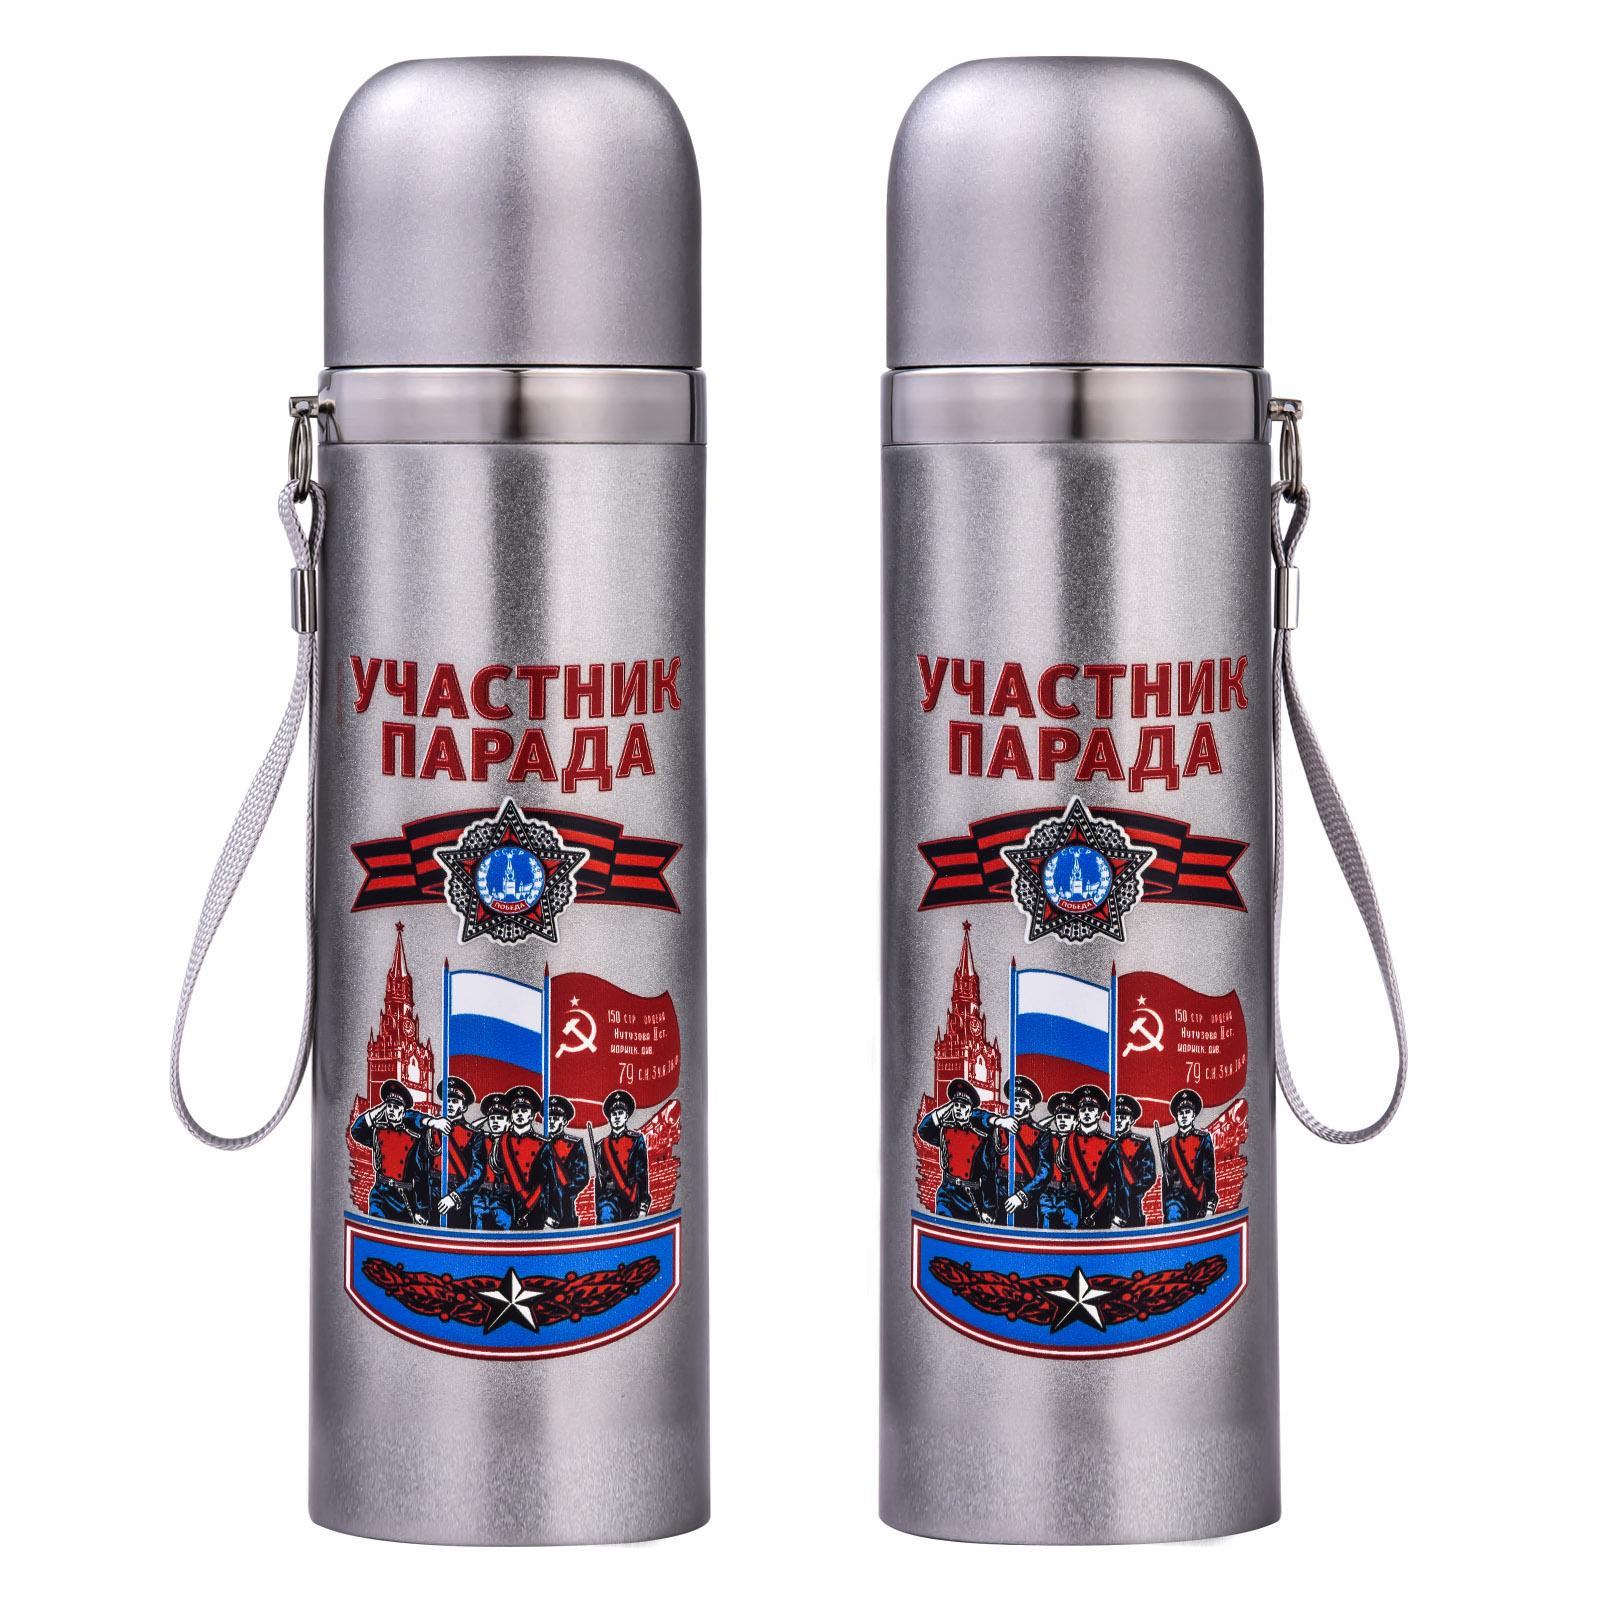 """Компактный термос """"Участник парада"""""""